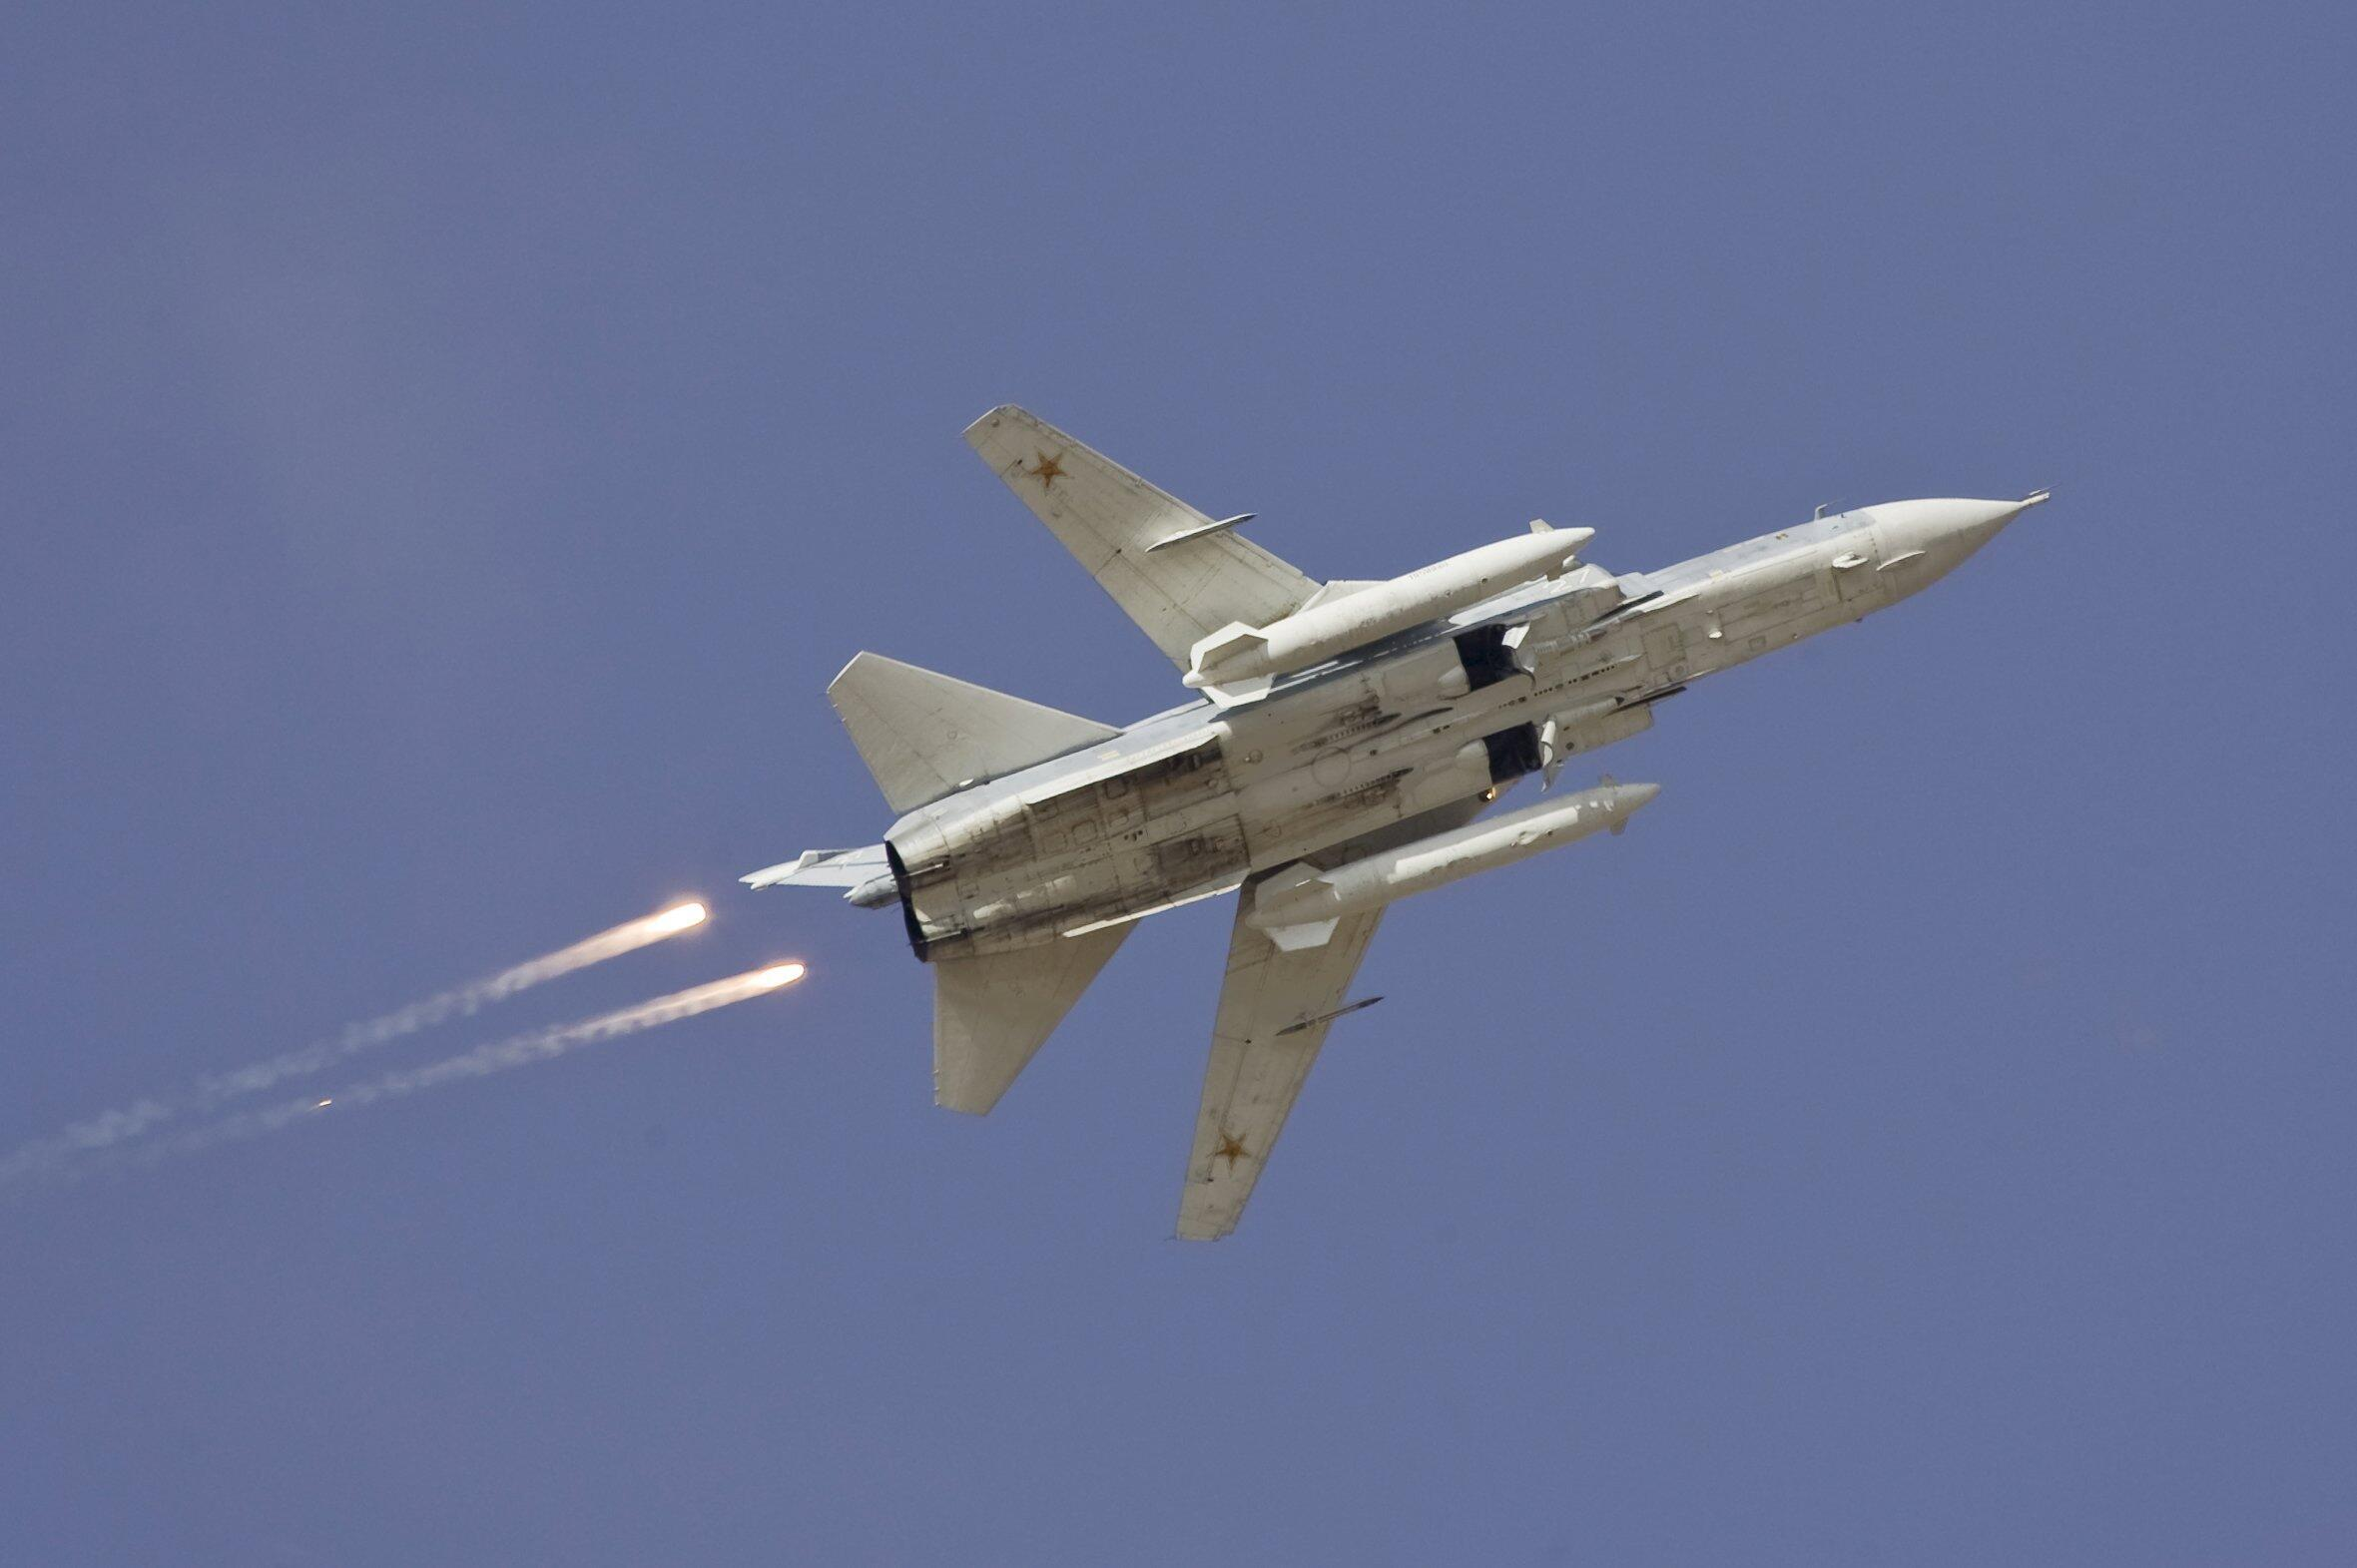 O Avião abatido na fronteira turco-síria é um Sukhoi Su-24.